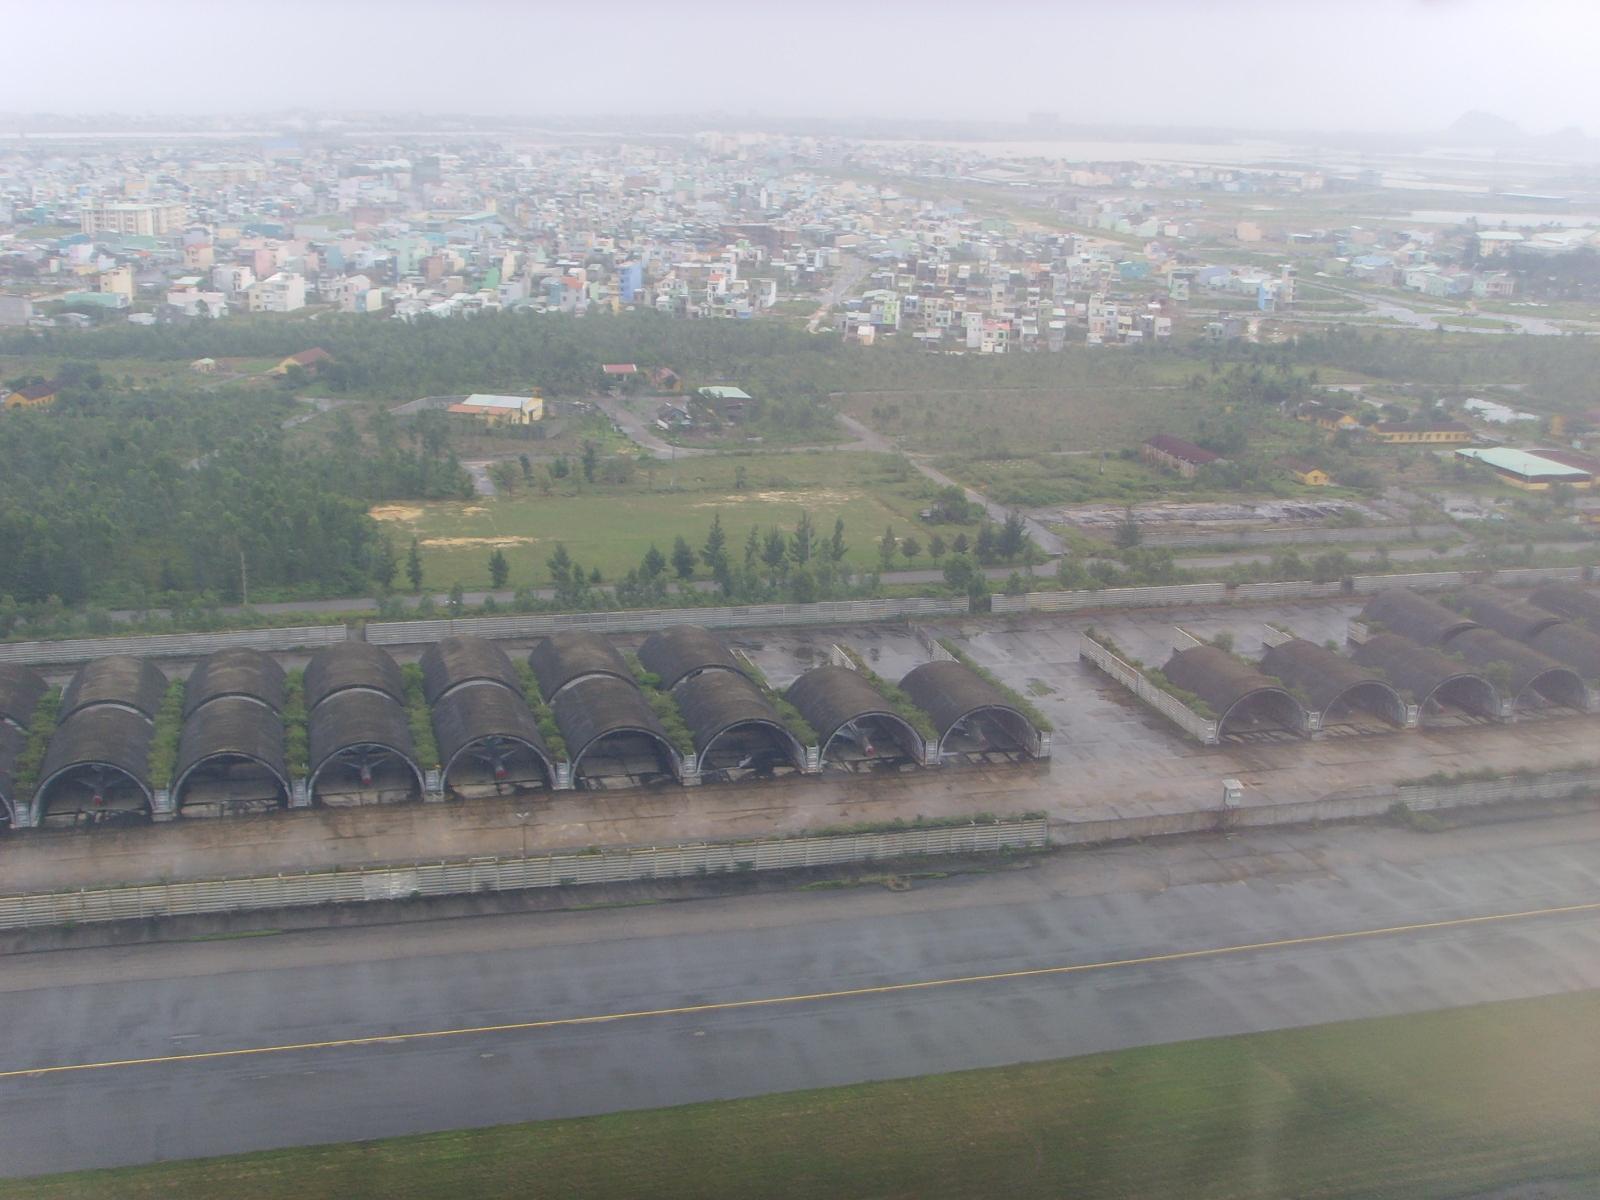 Построенные американцами по программе Concrete Sky защитные укрытия для авиационной техники на авиабазе Дананг, в настоящее время используемые ВВС Вьетнамской Народной армии.